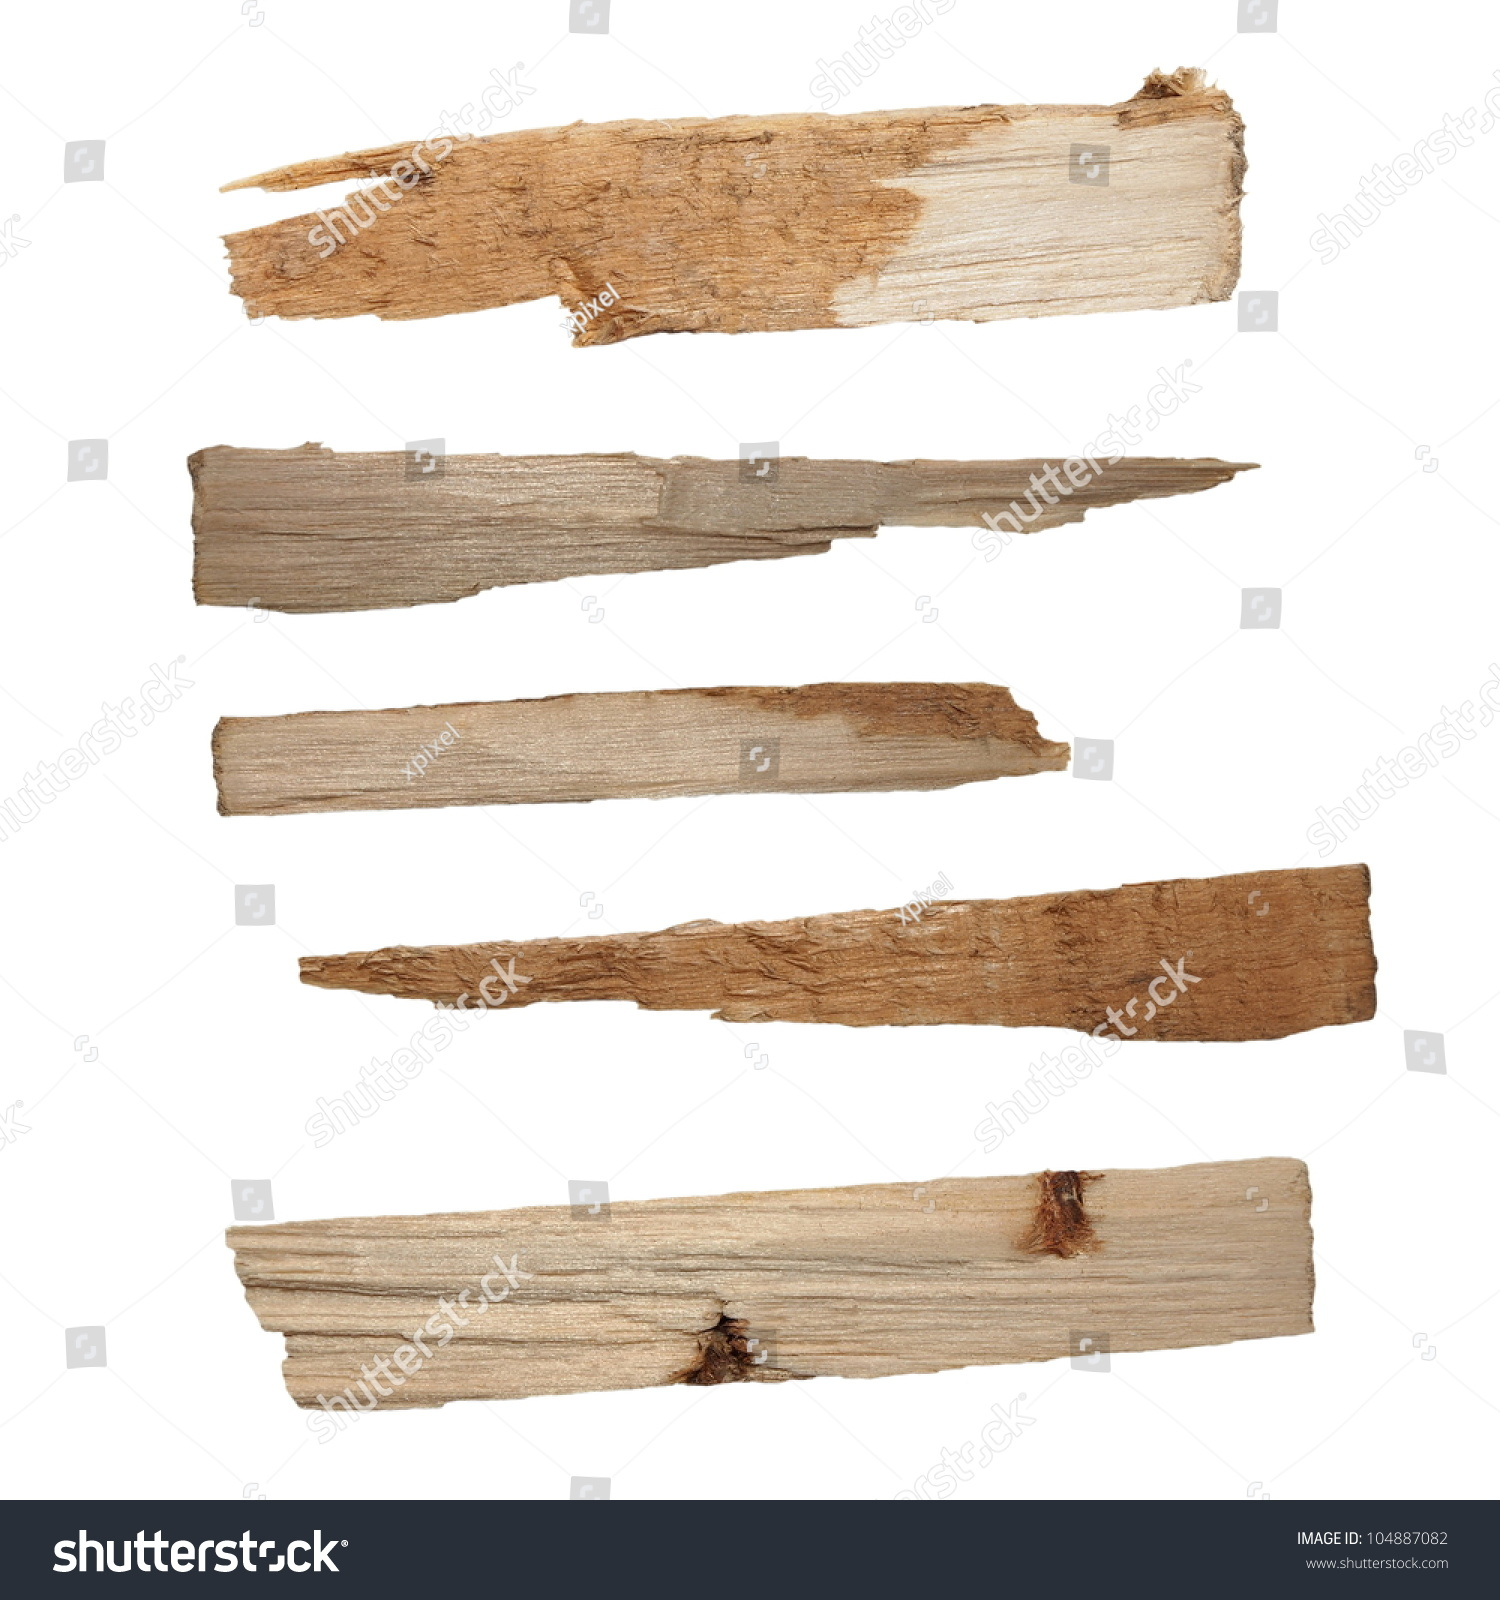 破木板山毛榉藏品孤立在白色背景